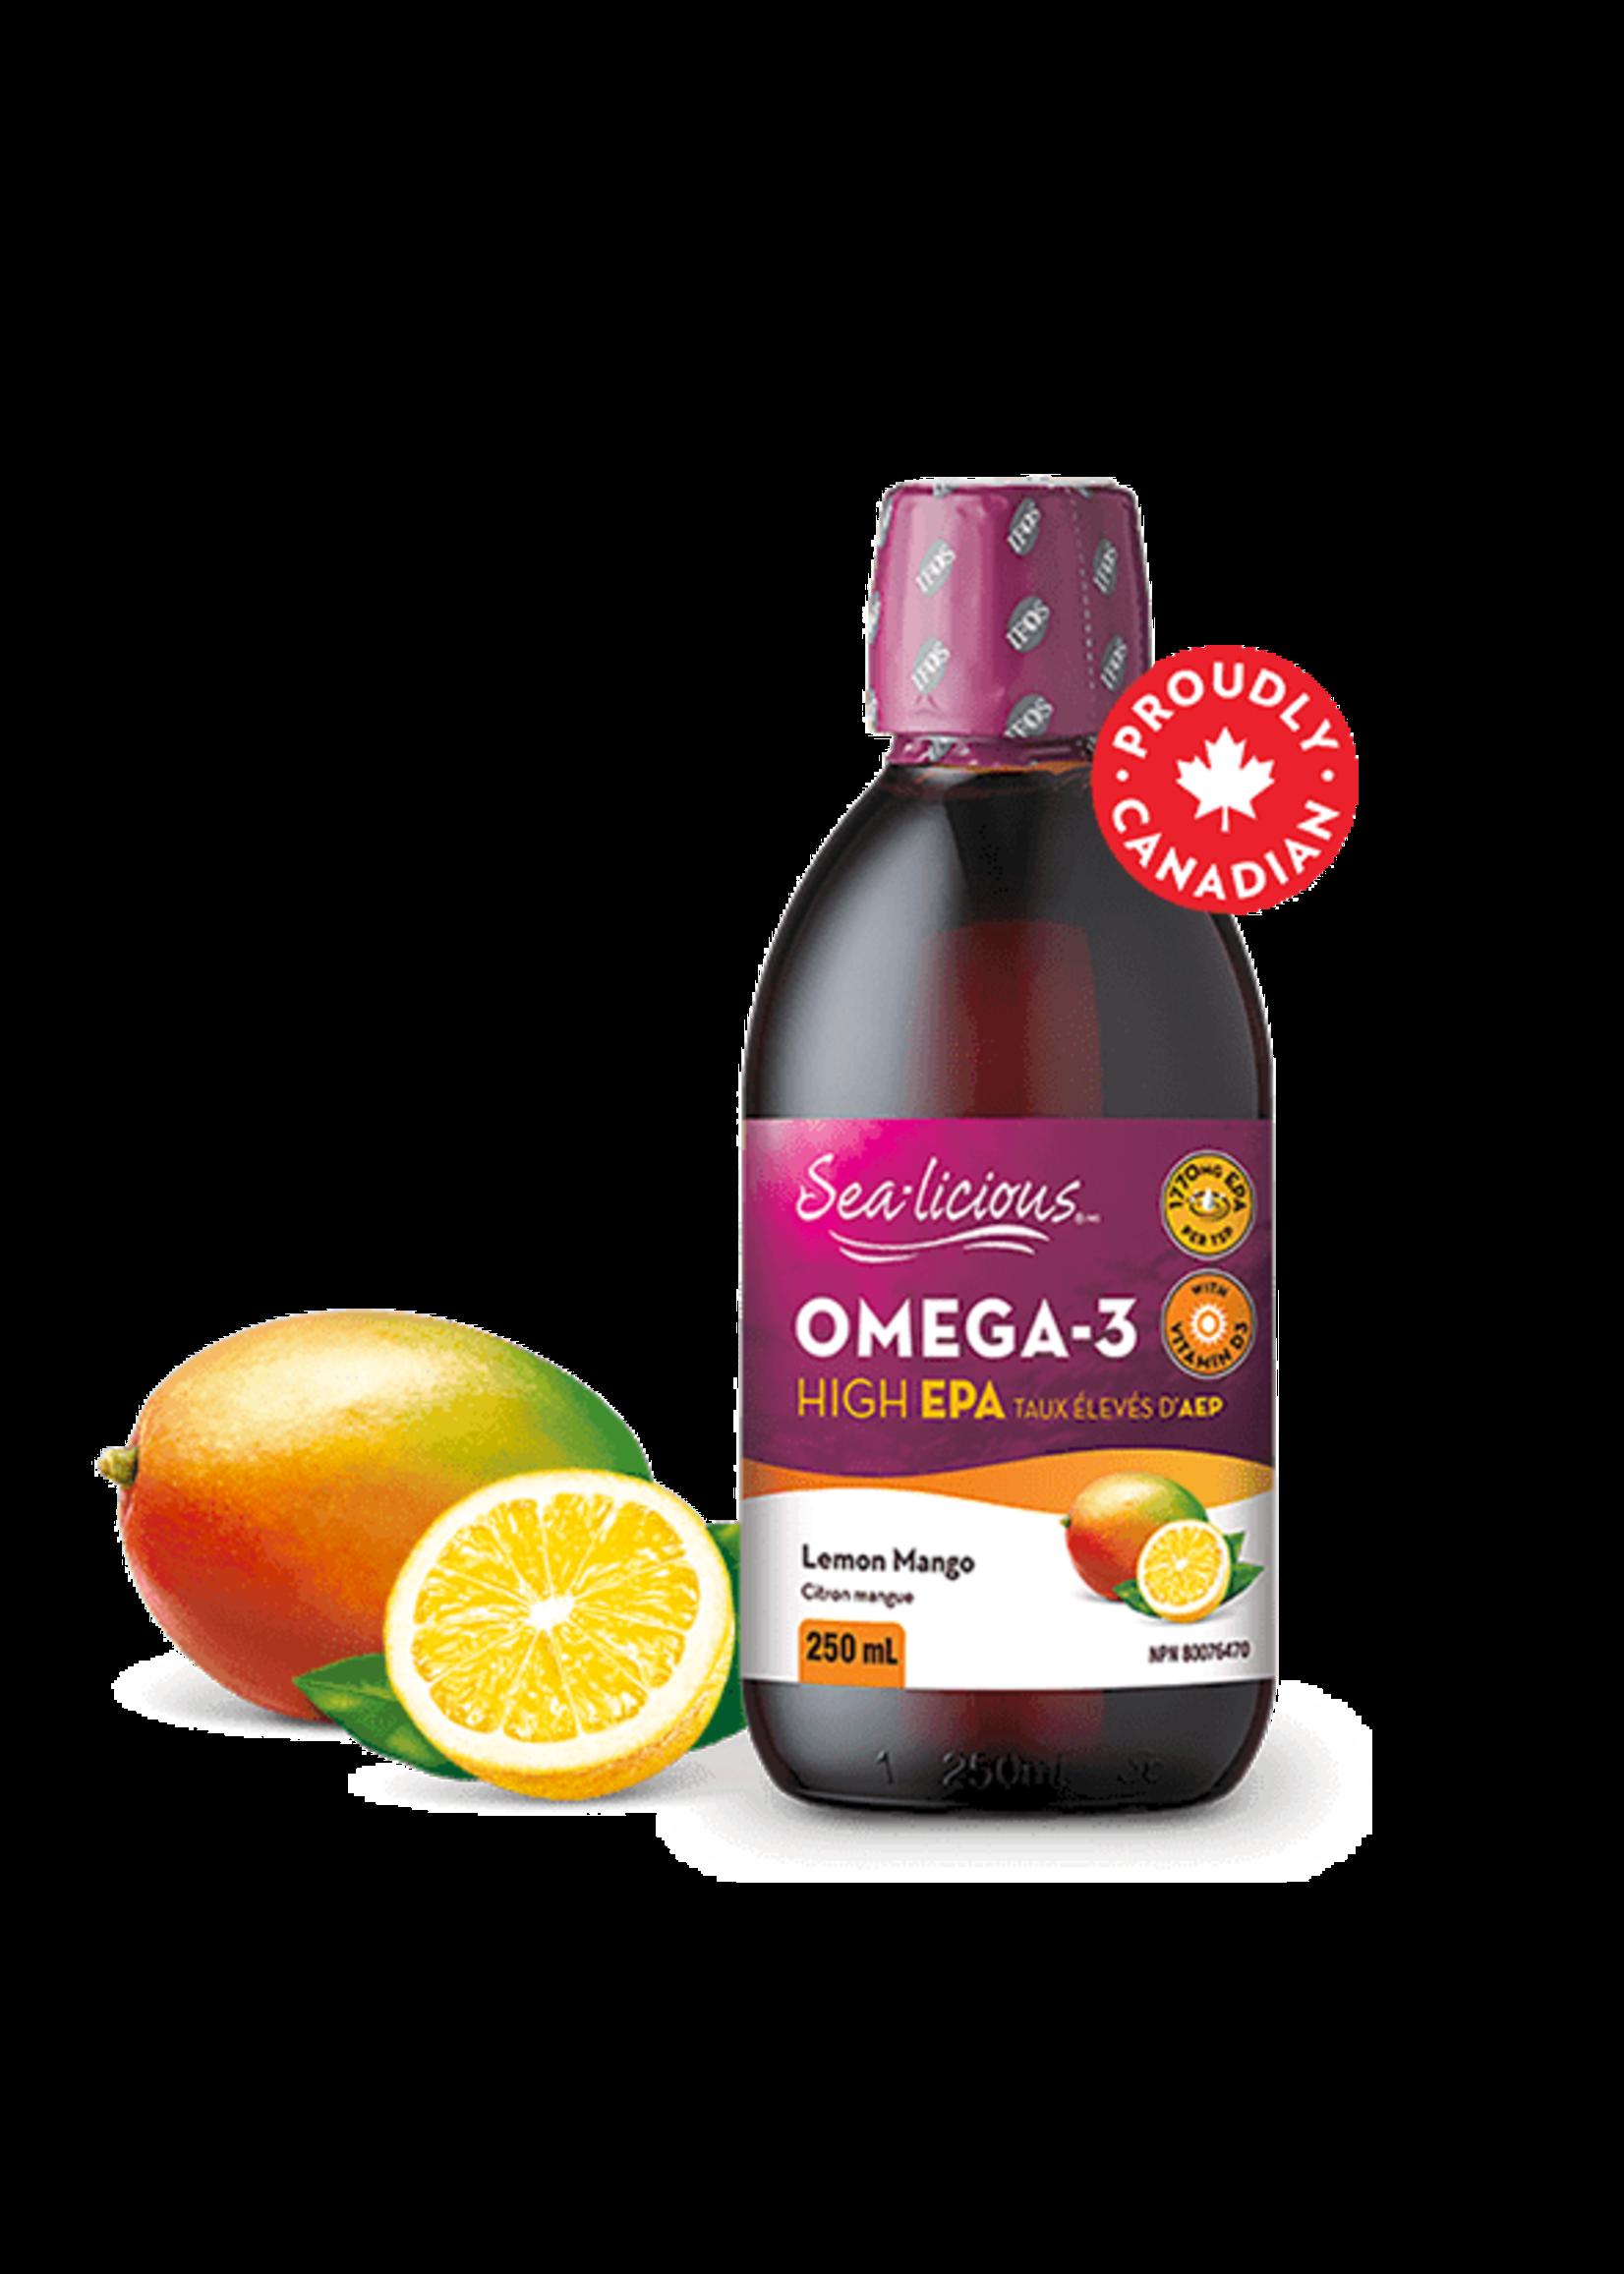 Sea-licious Sea-licious High EPA Lemon/Mango 250ml